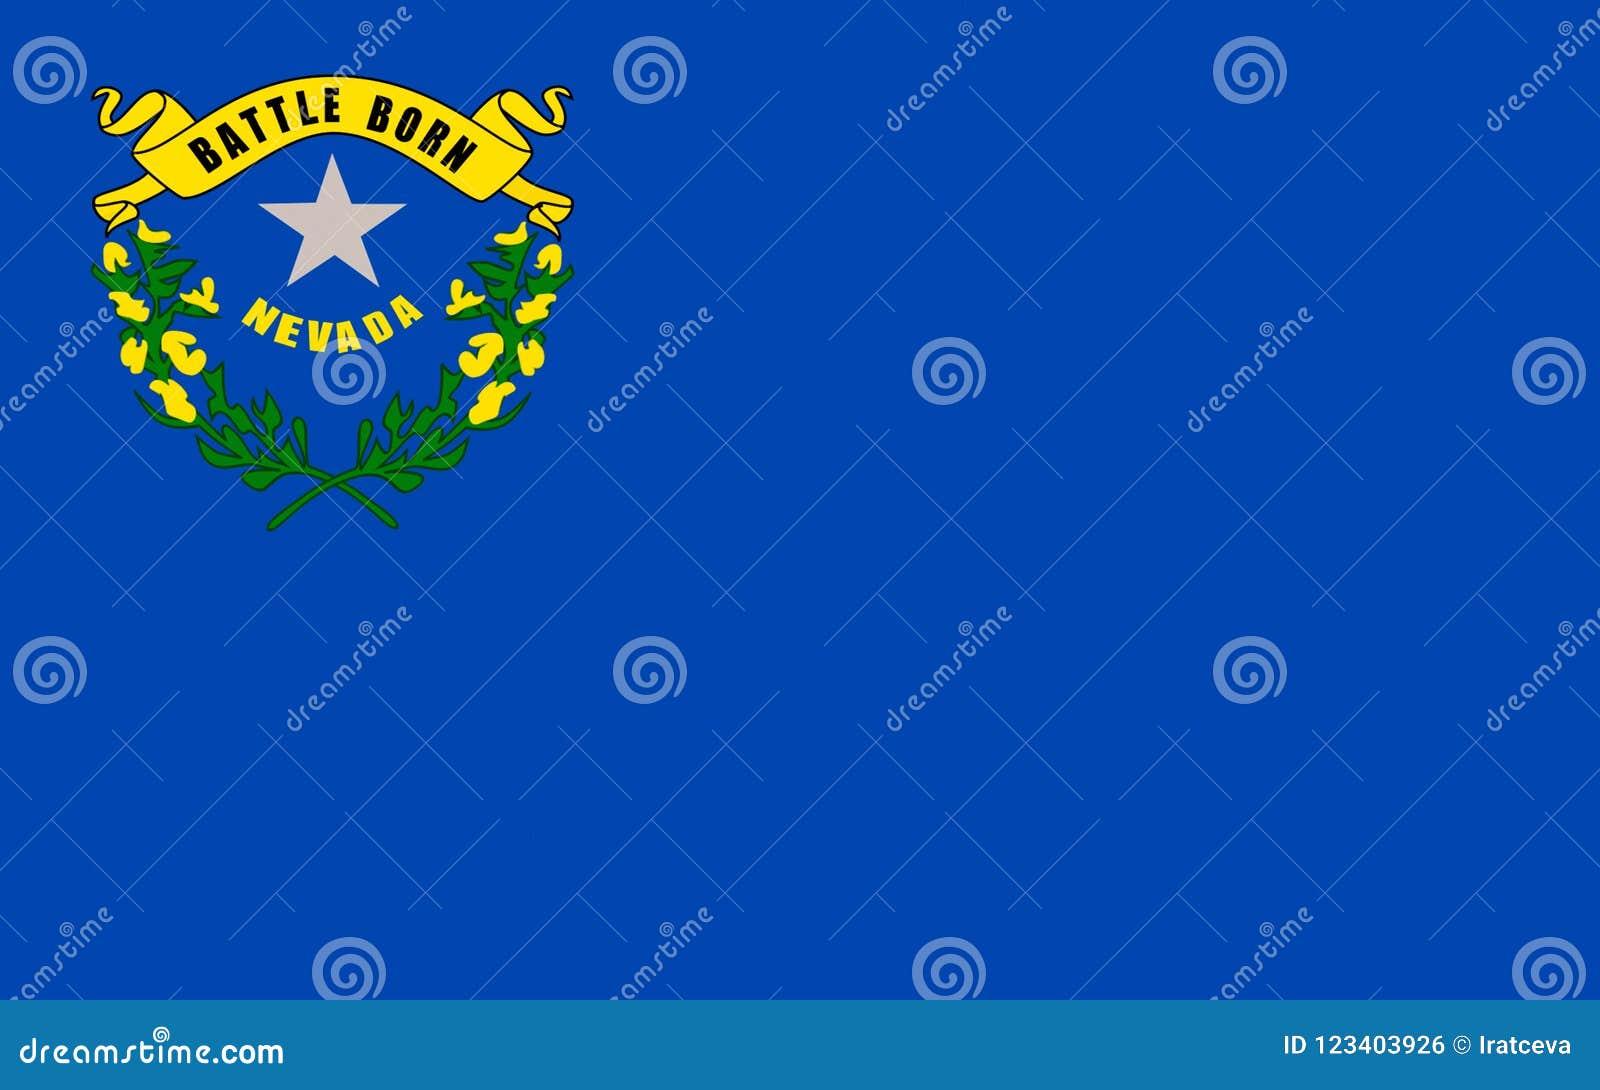 Flag of Nevada, USA